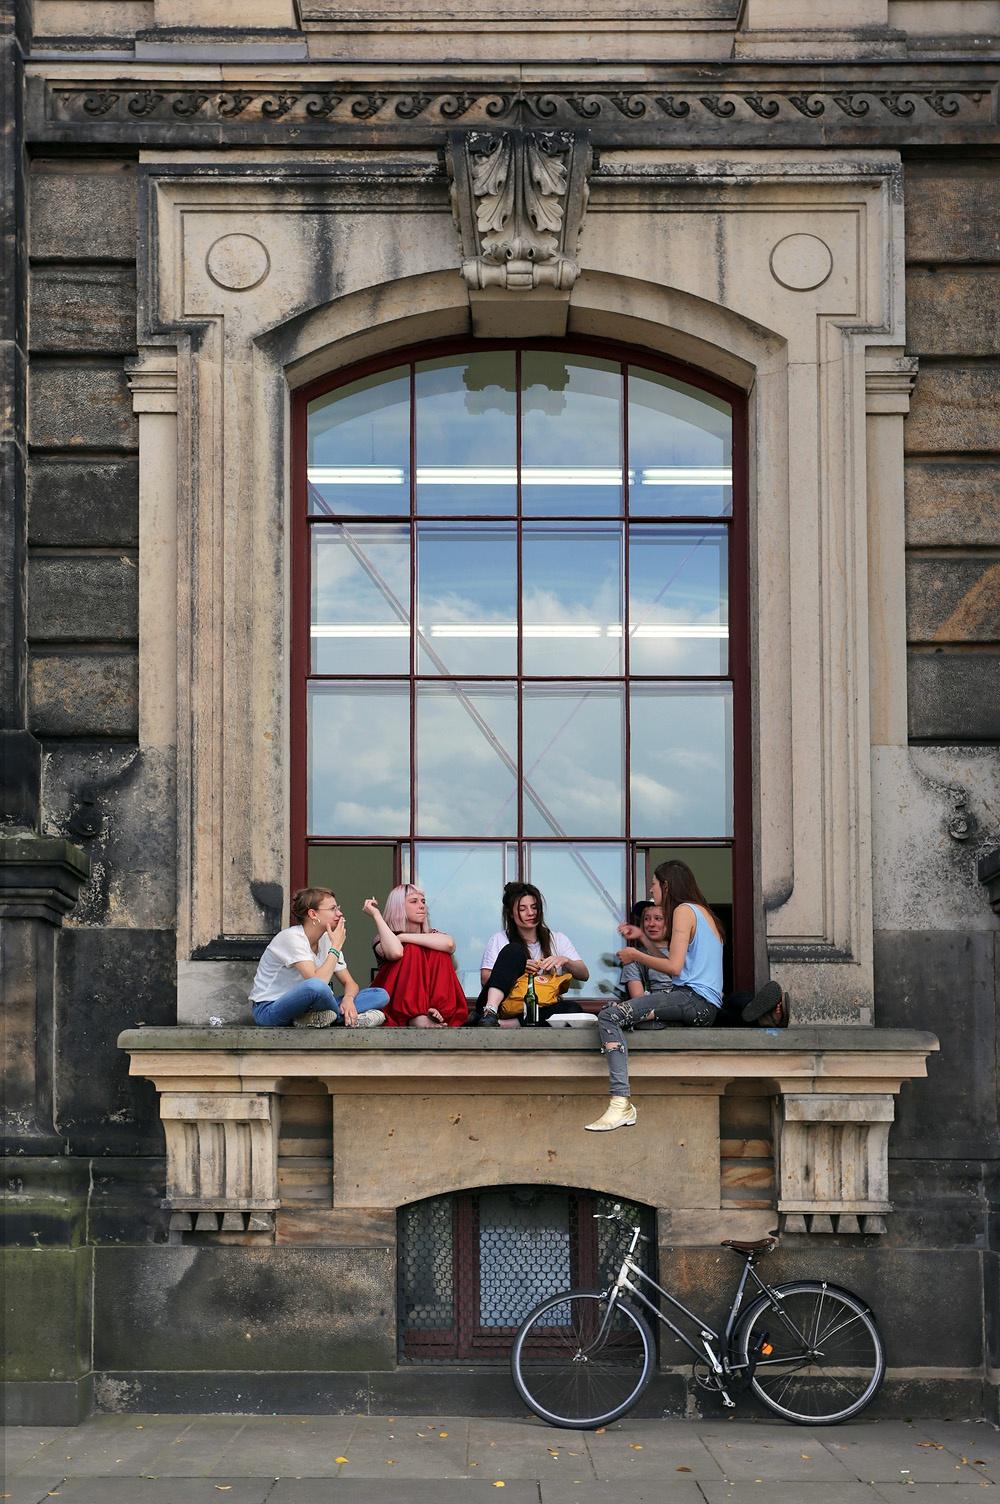 windowgirls